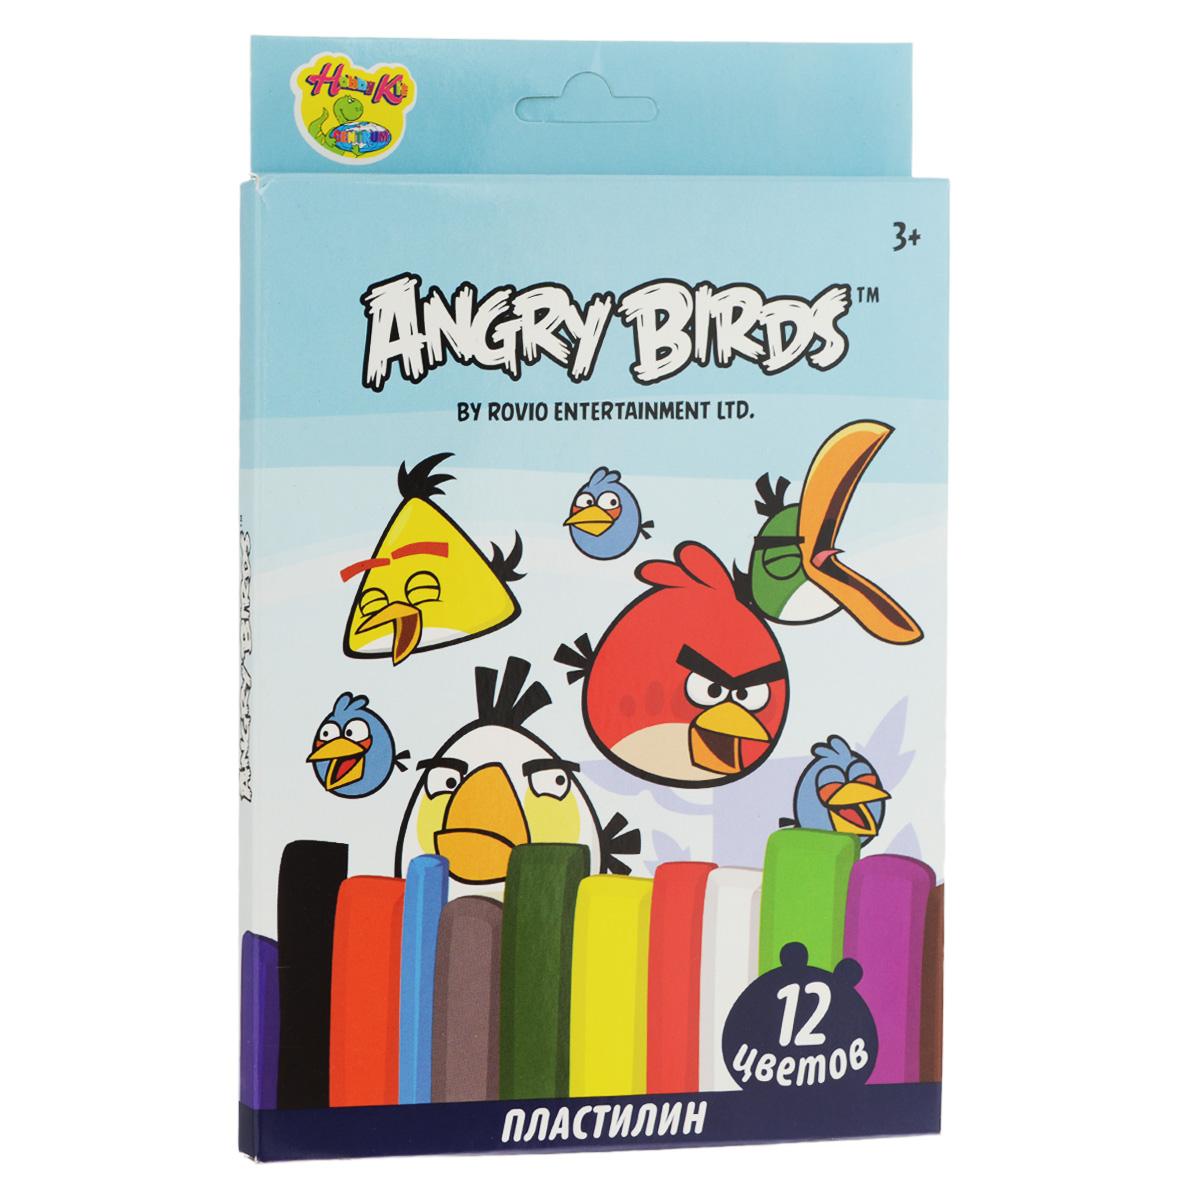 Пластилин Angry Birds, 12 цветов. 84966281037Пластилин Angry Birds - это отличная возможность познакомить ребенка с еще одним из видов изобразительного творчества, в котором создаются объемные образы и целые композиции.В набор входит пластилин 12 ярких цветов (красный, темно-зеленый, черный, оранжевый, светло-зеленый, фиолетовый, белый, желтый, синий, коричневый, голубой, серый), а также пластиковый стек для нарезания пластилина.Цвета пластилина легко смешиваются между собой, и таким образом можно получить новые оттенки. Пластилин имеет яркие, красочные цвета и не липнет к рукам. Техника лепки богата и разнообразна, но при этом доступна даже маленьким детям. Занятия лепкой не только увлекательны, но и полезны для ребенка. Они способствуют развитию творческого и пространственного мышления, восприятия формы, фактуры, цвета и веса, развивают воображение и мелкую моторику.